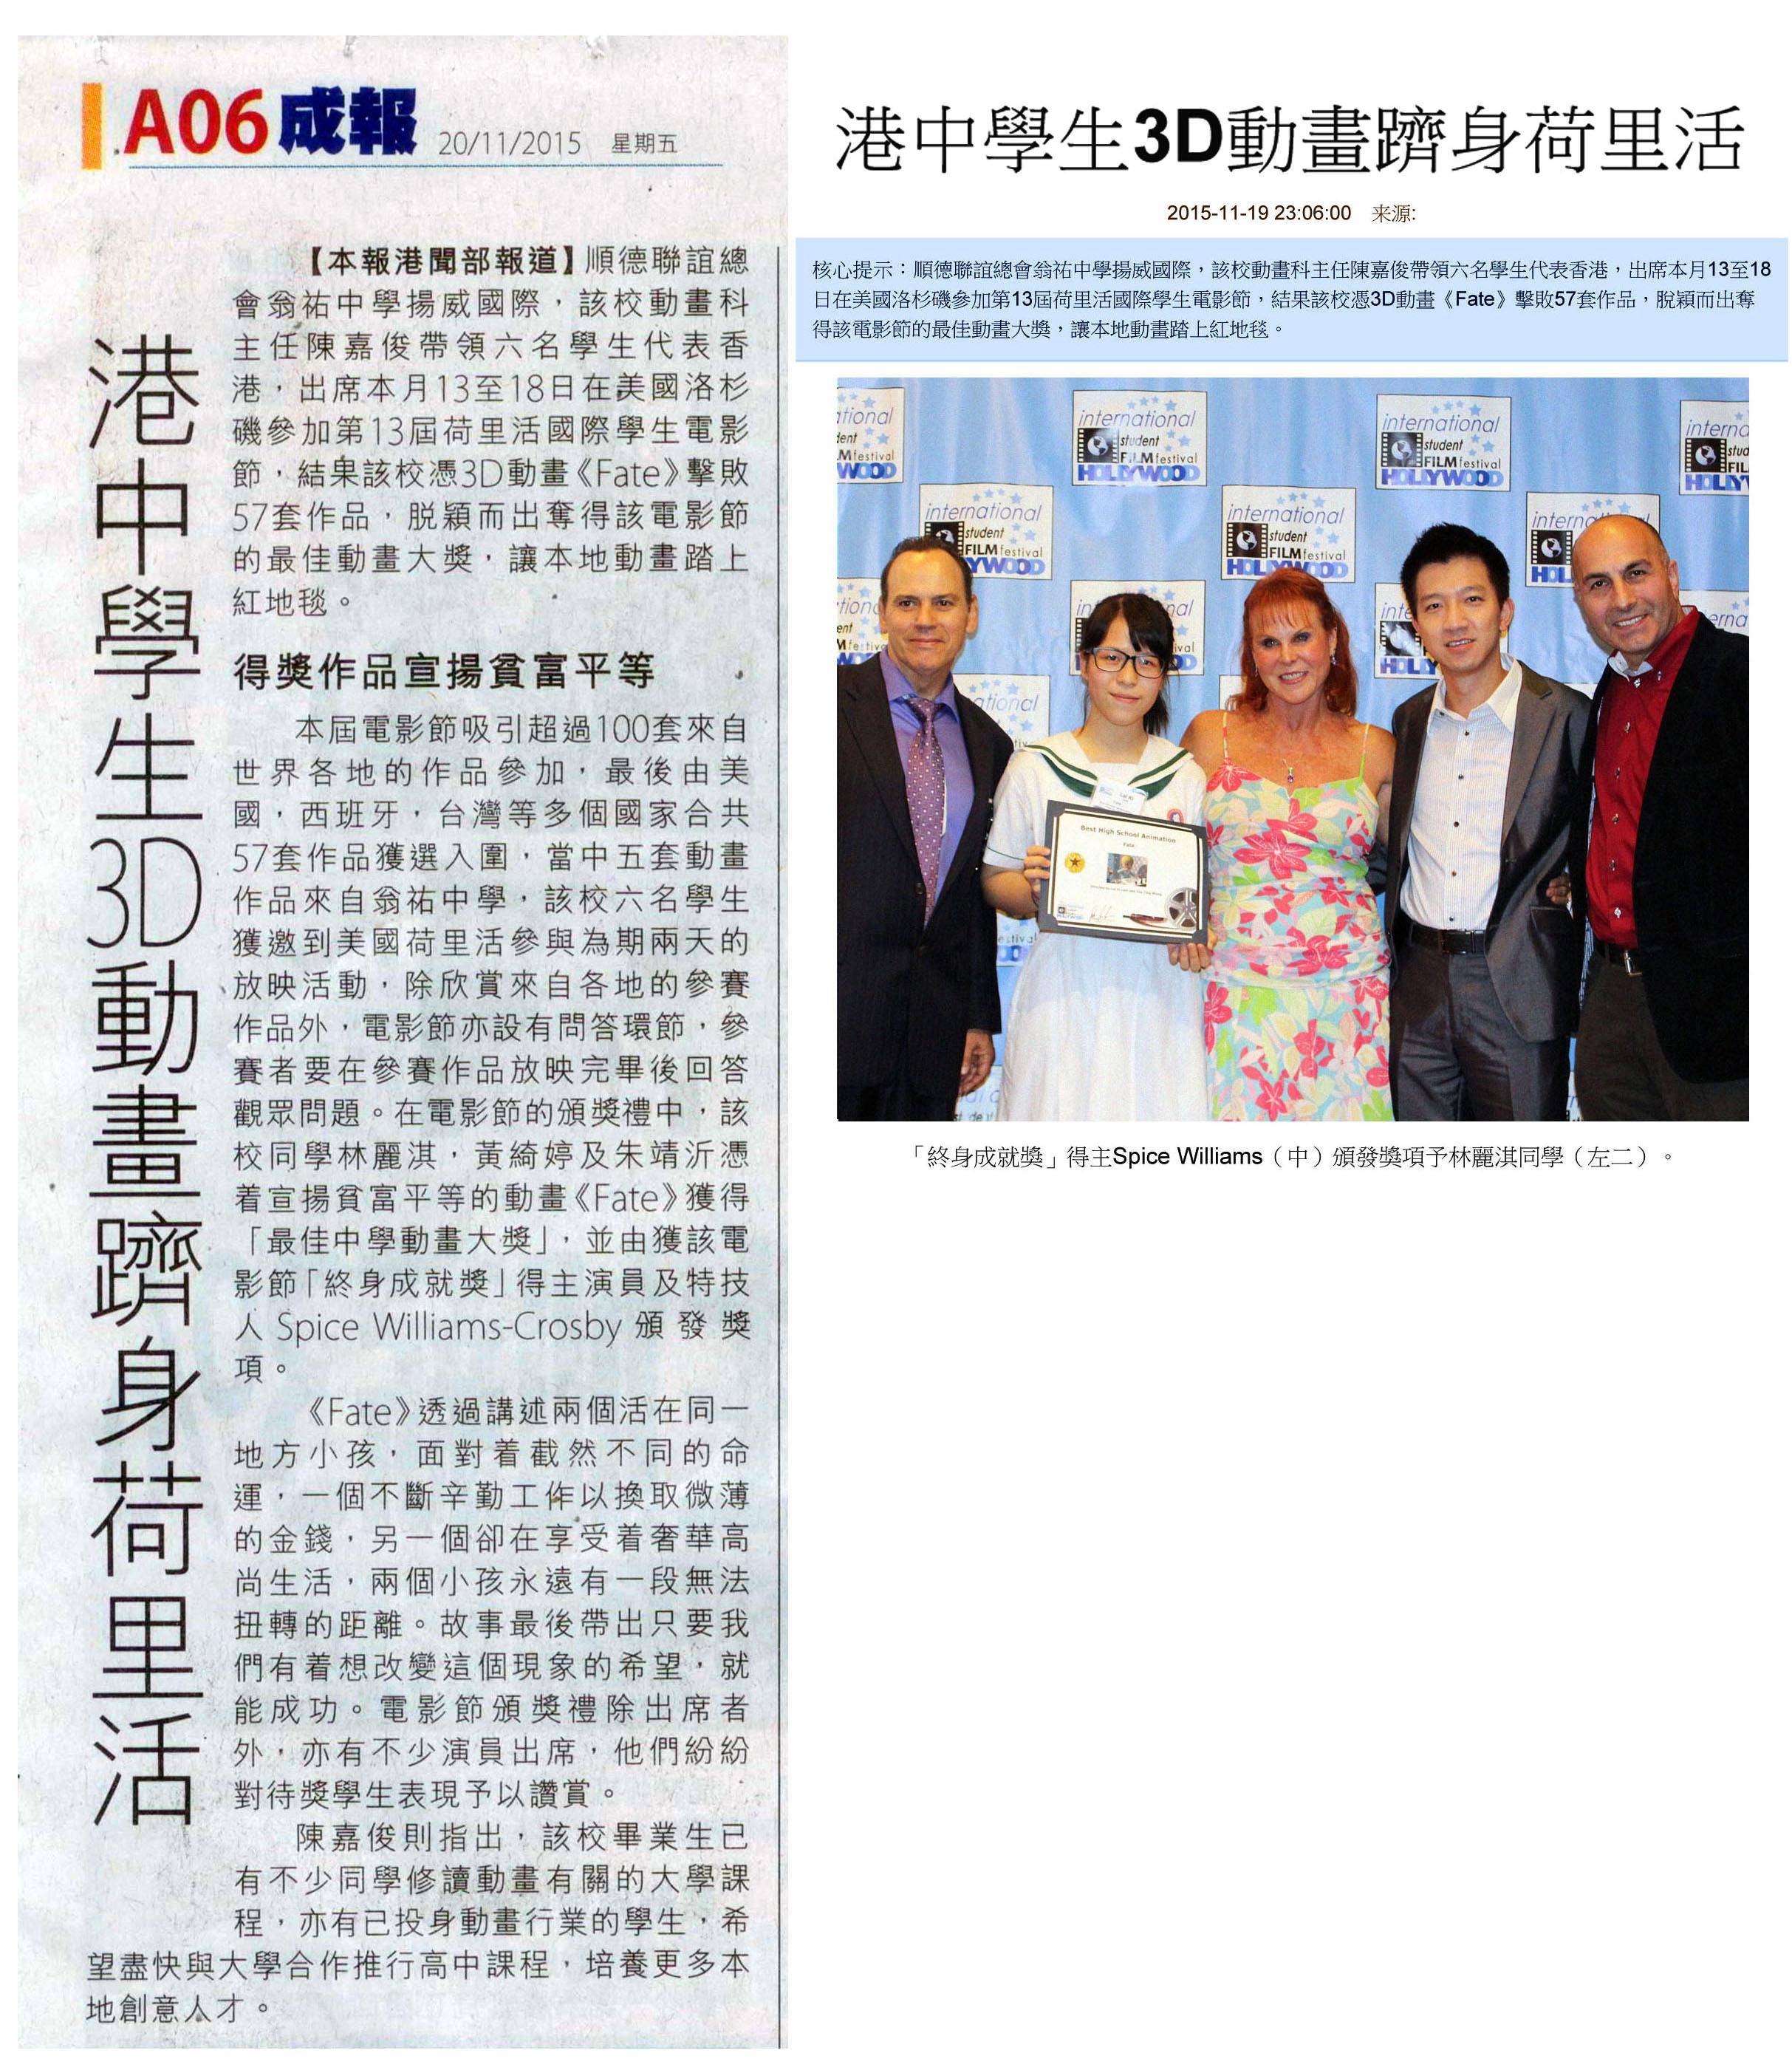 2015年11月20日香港成報